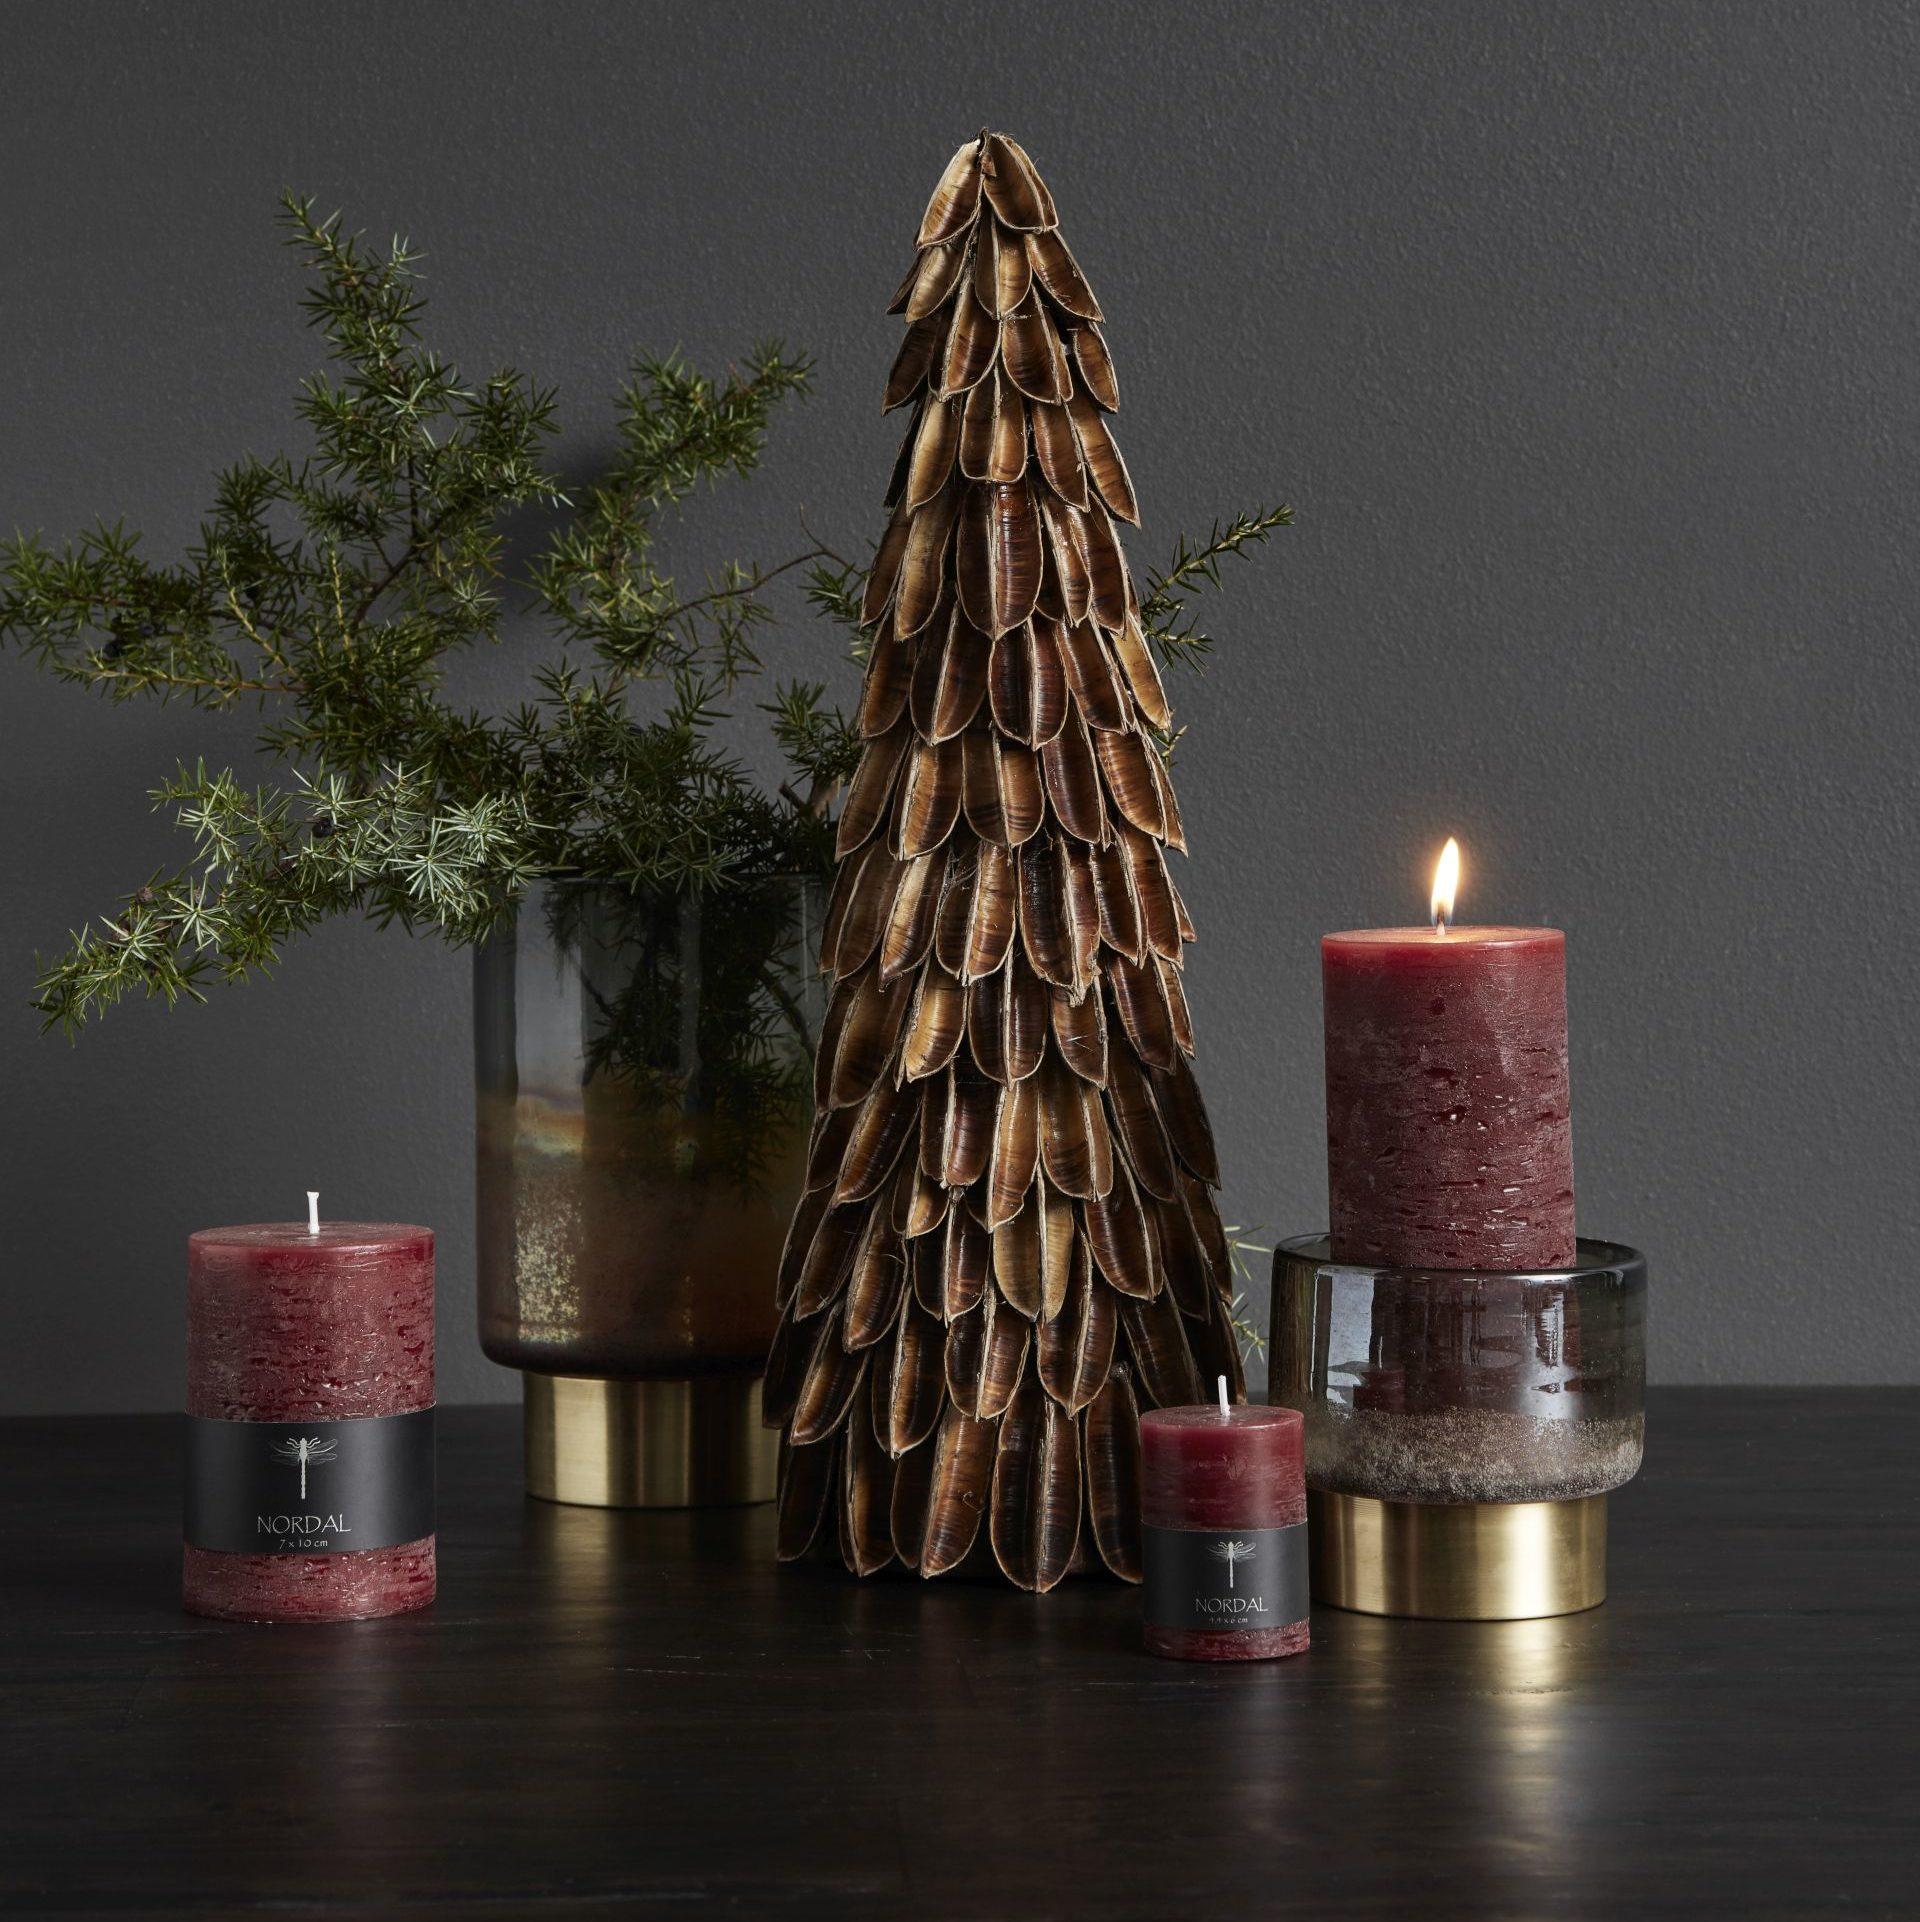 Propozycja dekoracji świątecznej marki Nordal. www.nordal.eu